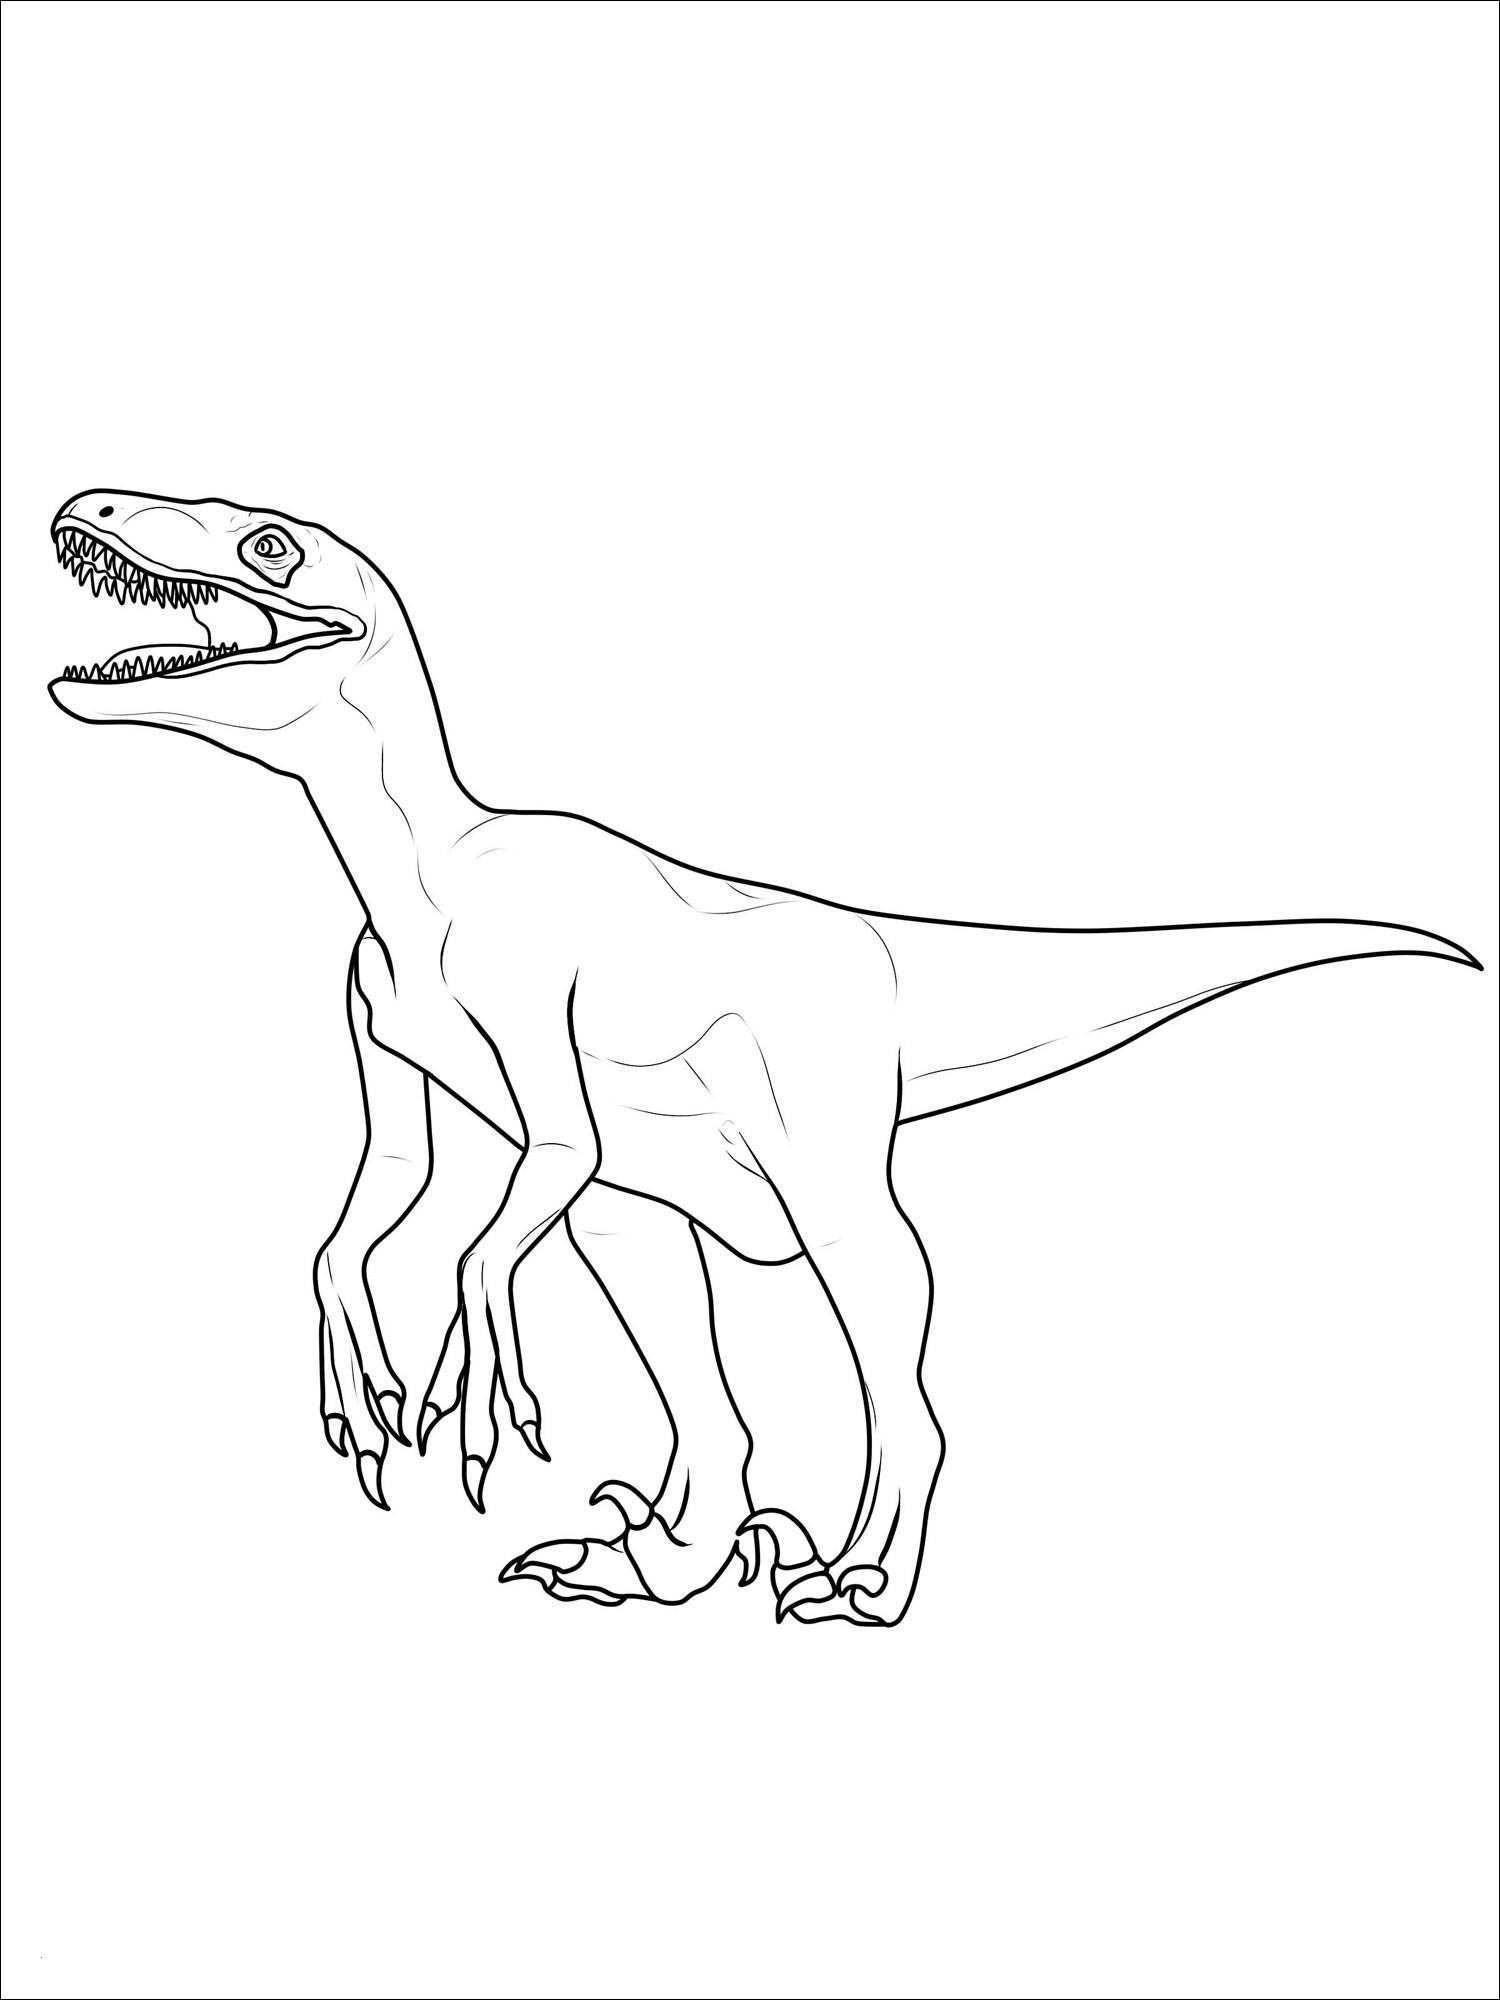 T Rex Ausmalbild Inspirierend Ausmalbilder T Rex Idee 37 Ausmalbilder Von Eulen Scoredatscore Sammlung